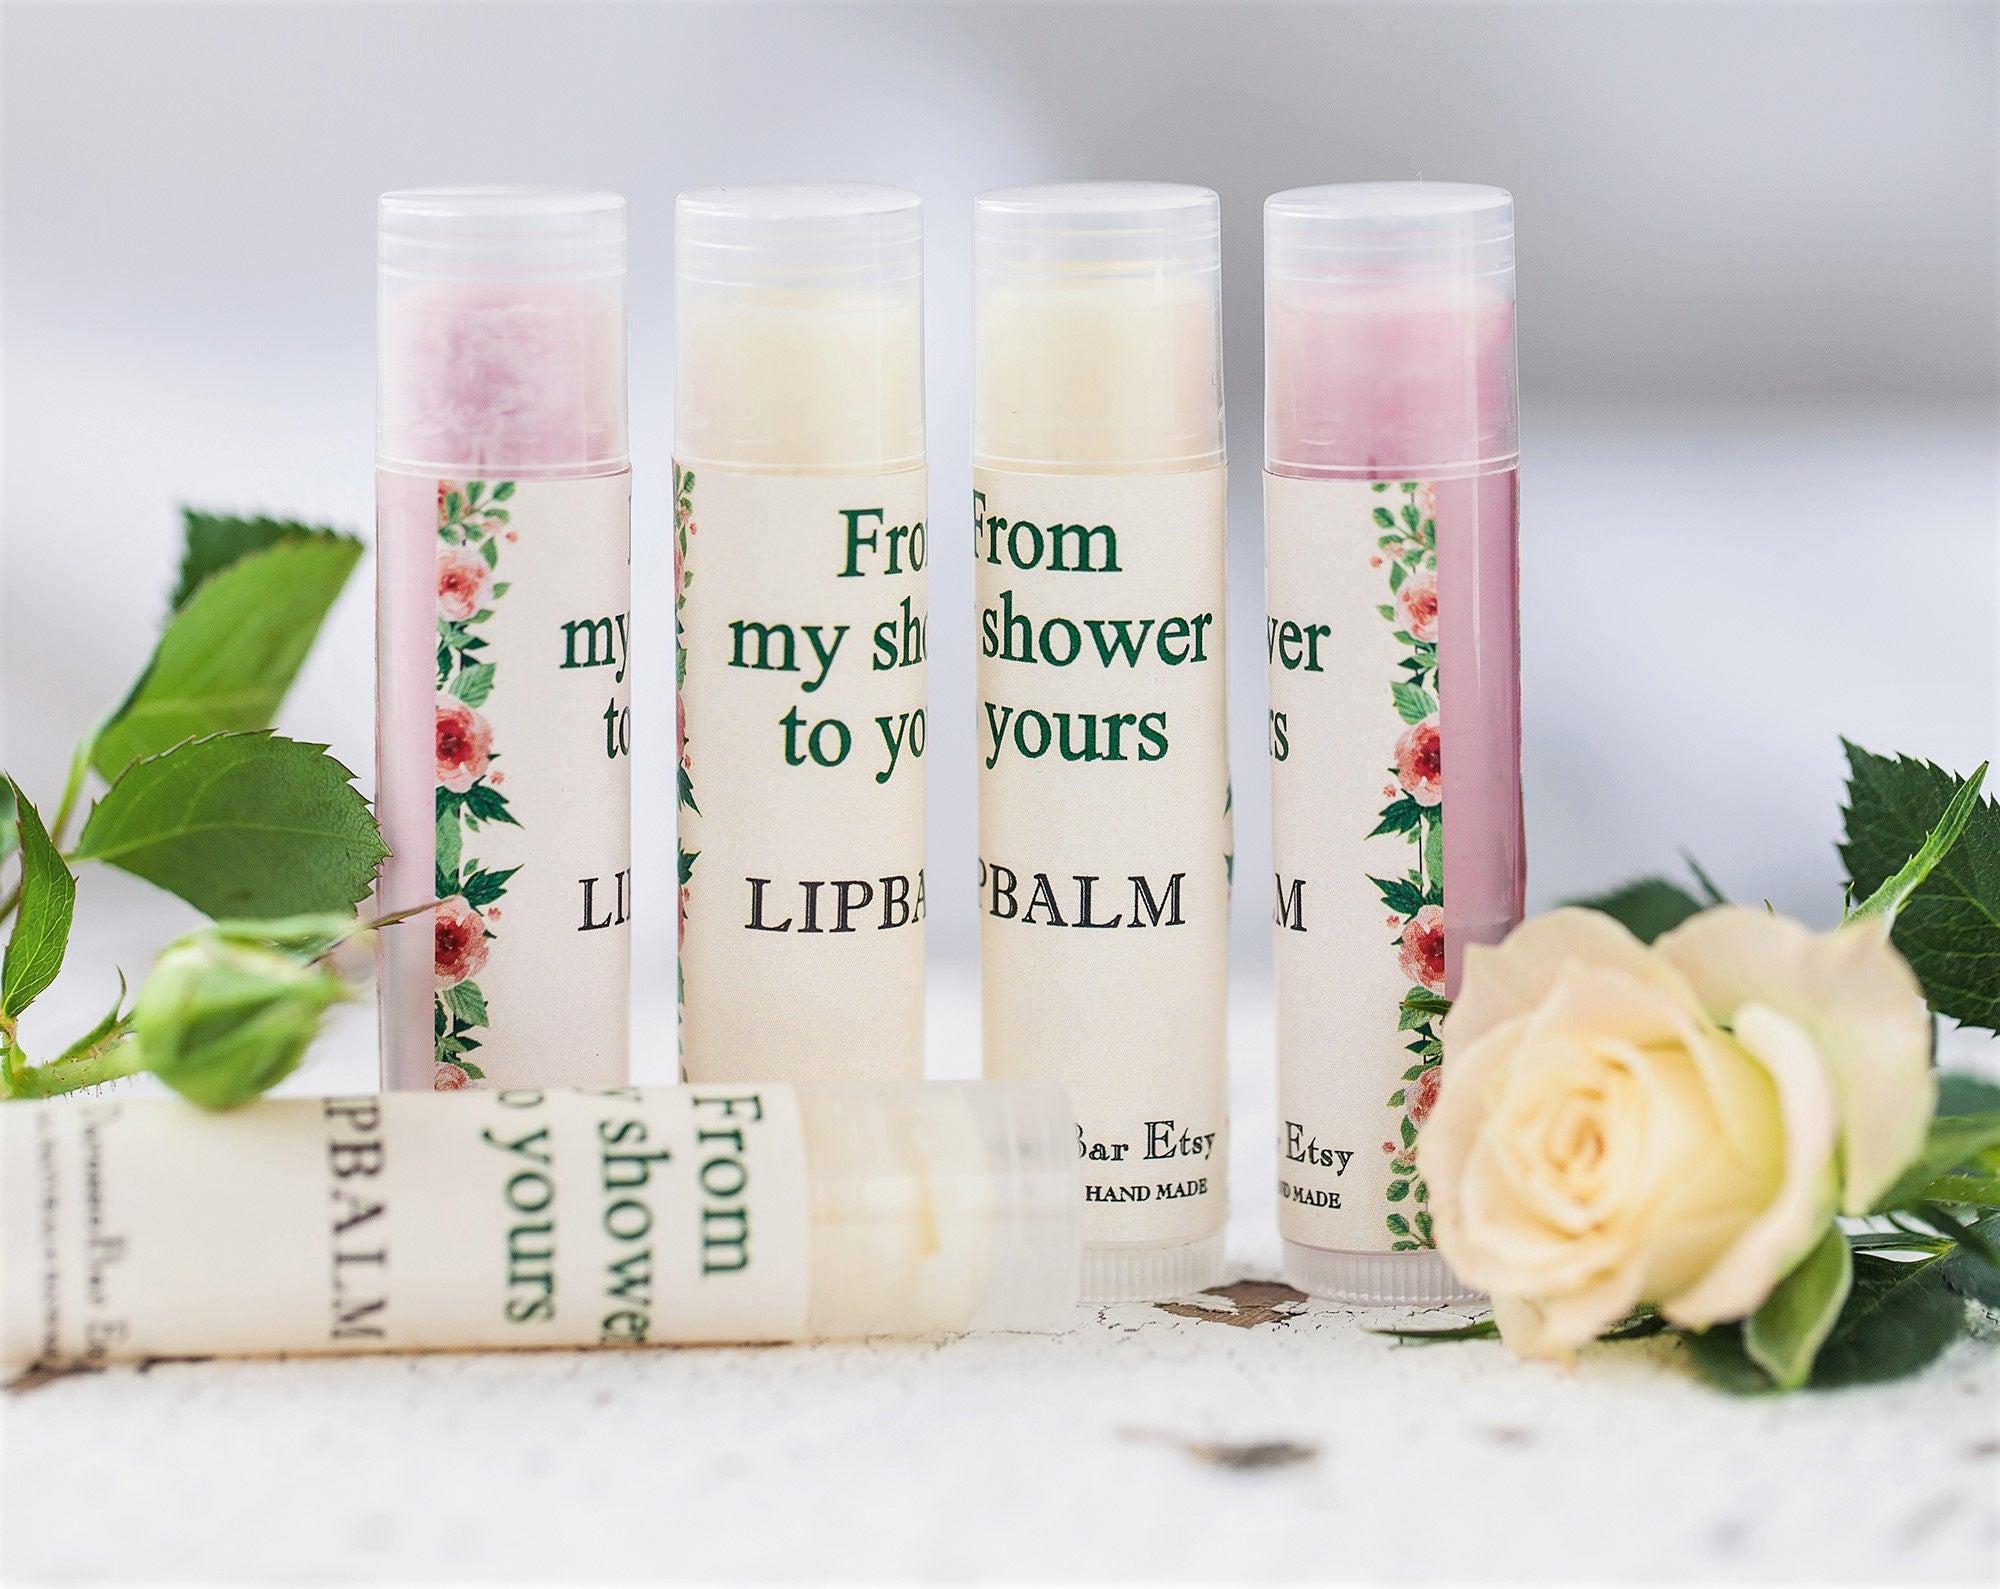 10 Lip Balm Wedding favorBridal shower favorsCustom